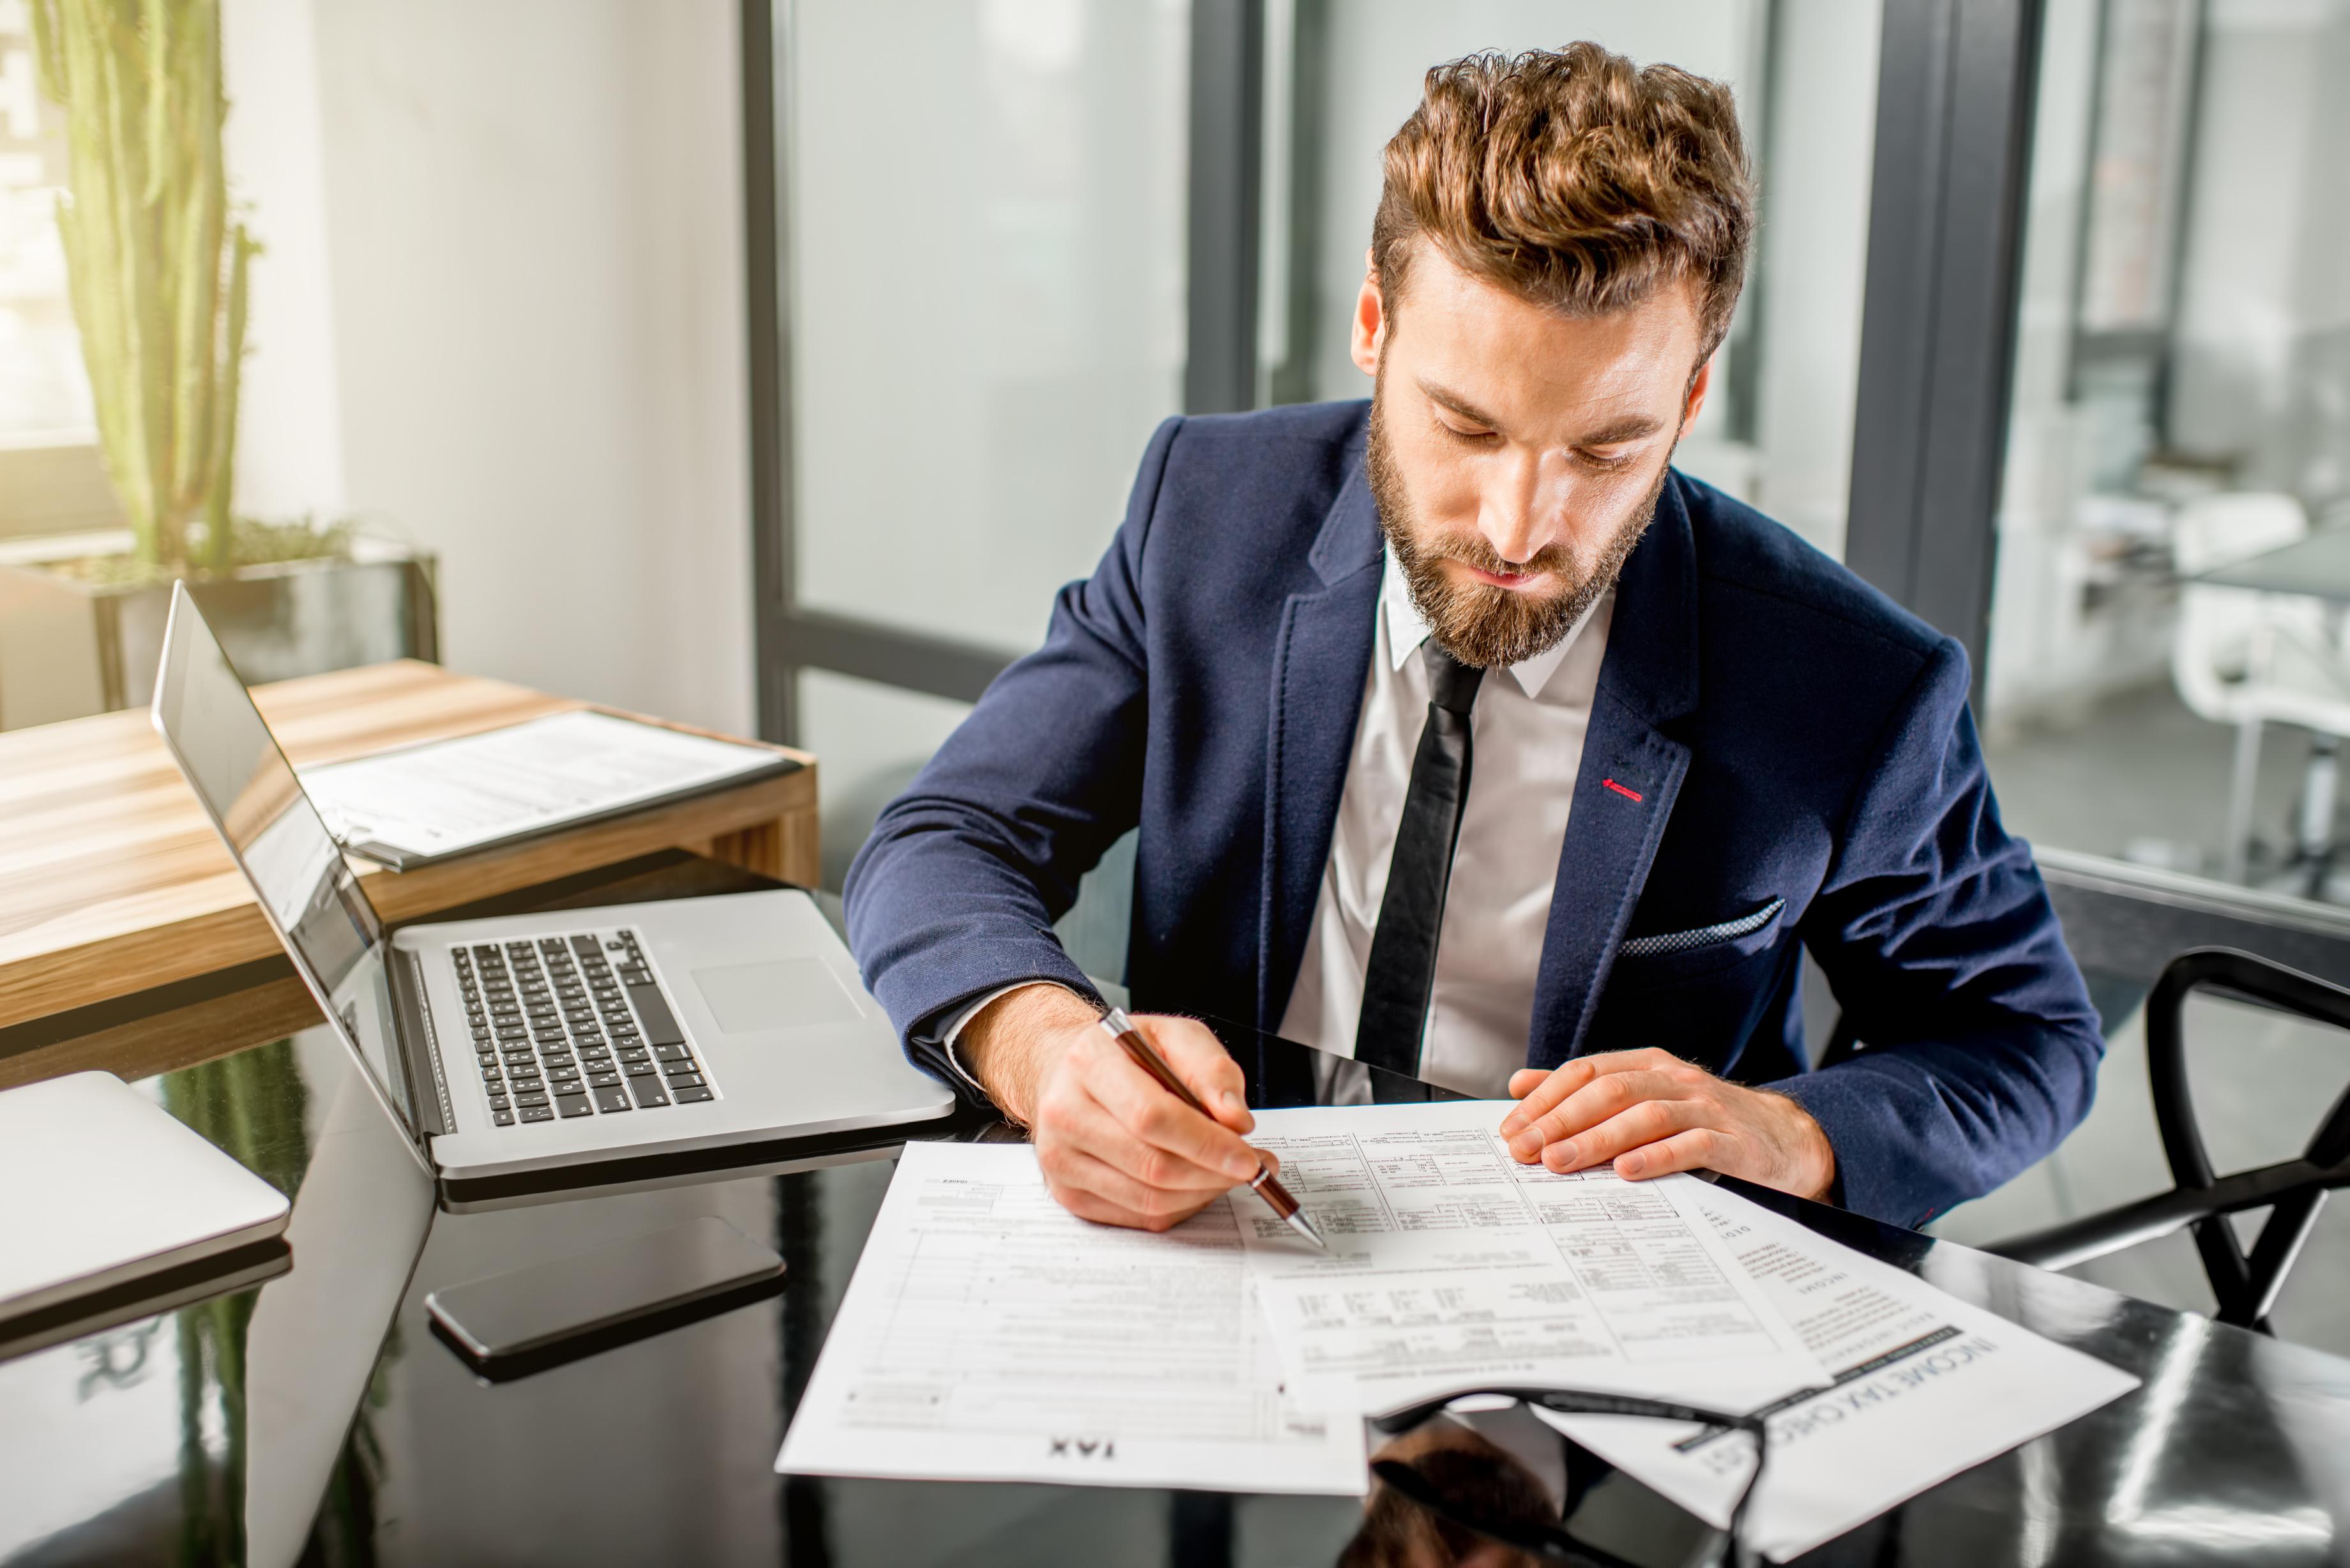 Mladý muž sedí za stolom s notebookom a pozerá sa do papierov